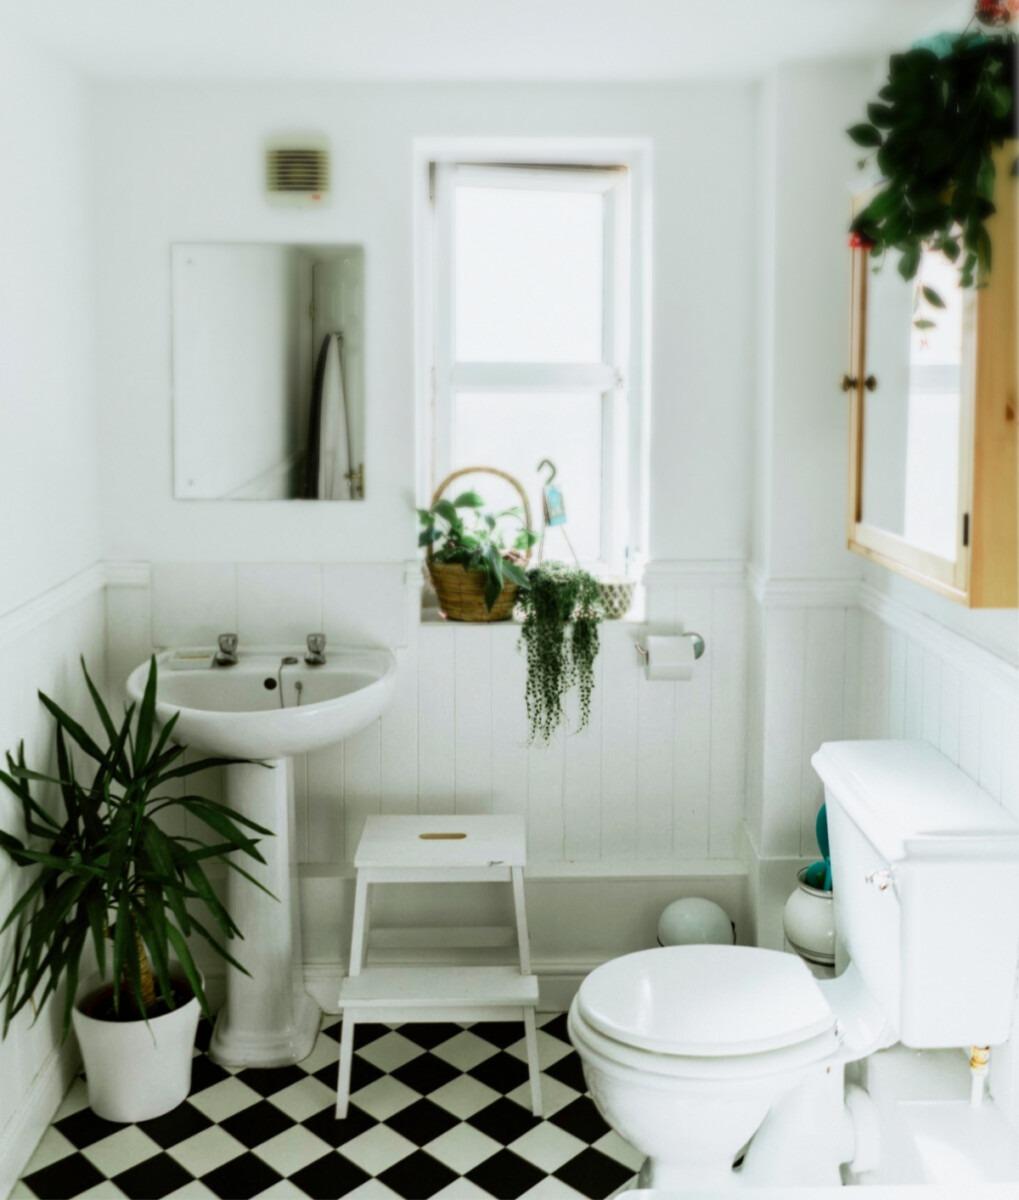 schimmel in de badkamer, schimmel verwijderen, voorkomen van schimmel, Tips om schimmel in de badkamer te voorkomen